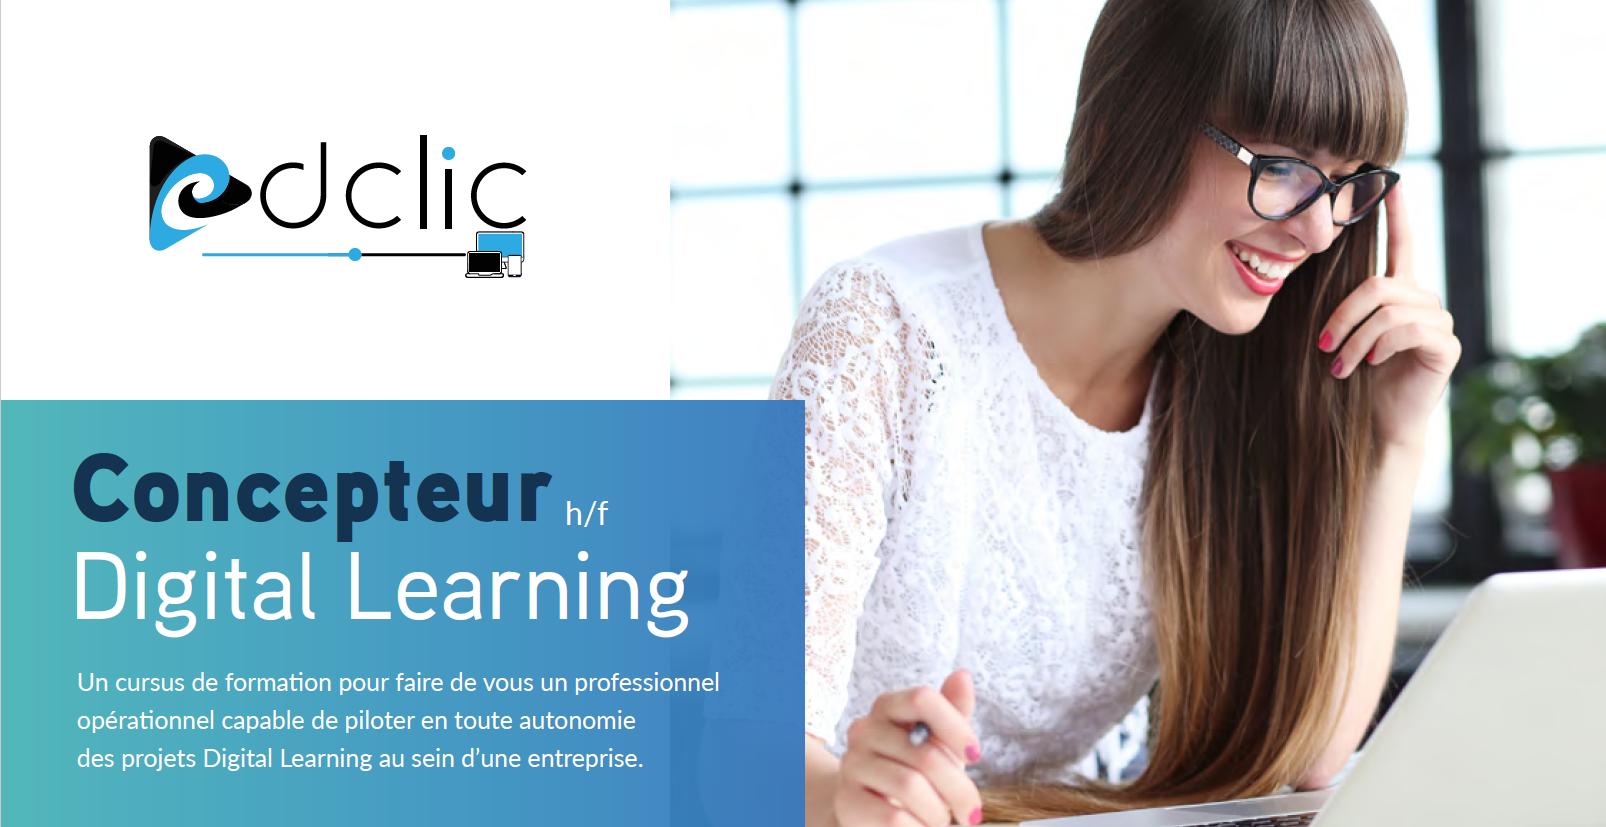 CCI ALSACE EUROMETROPOLE parle de notre Cursus Concepteur Digital Learning